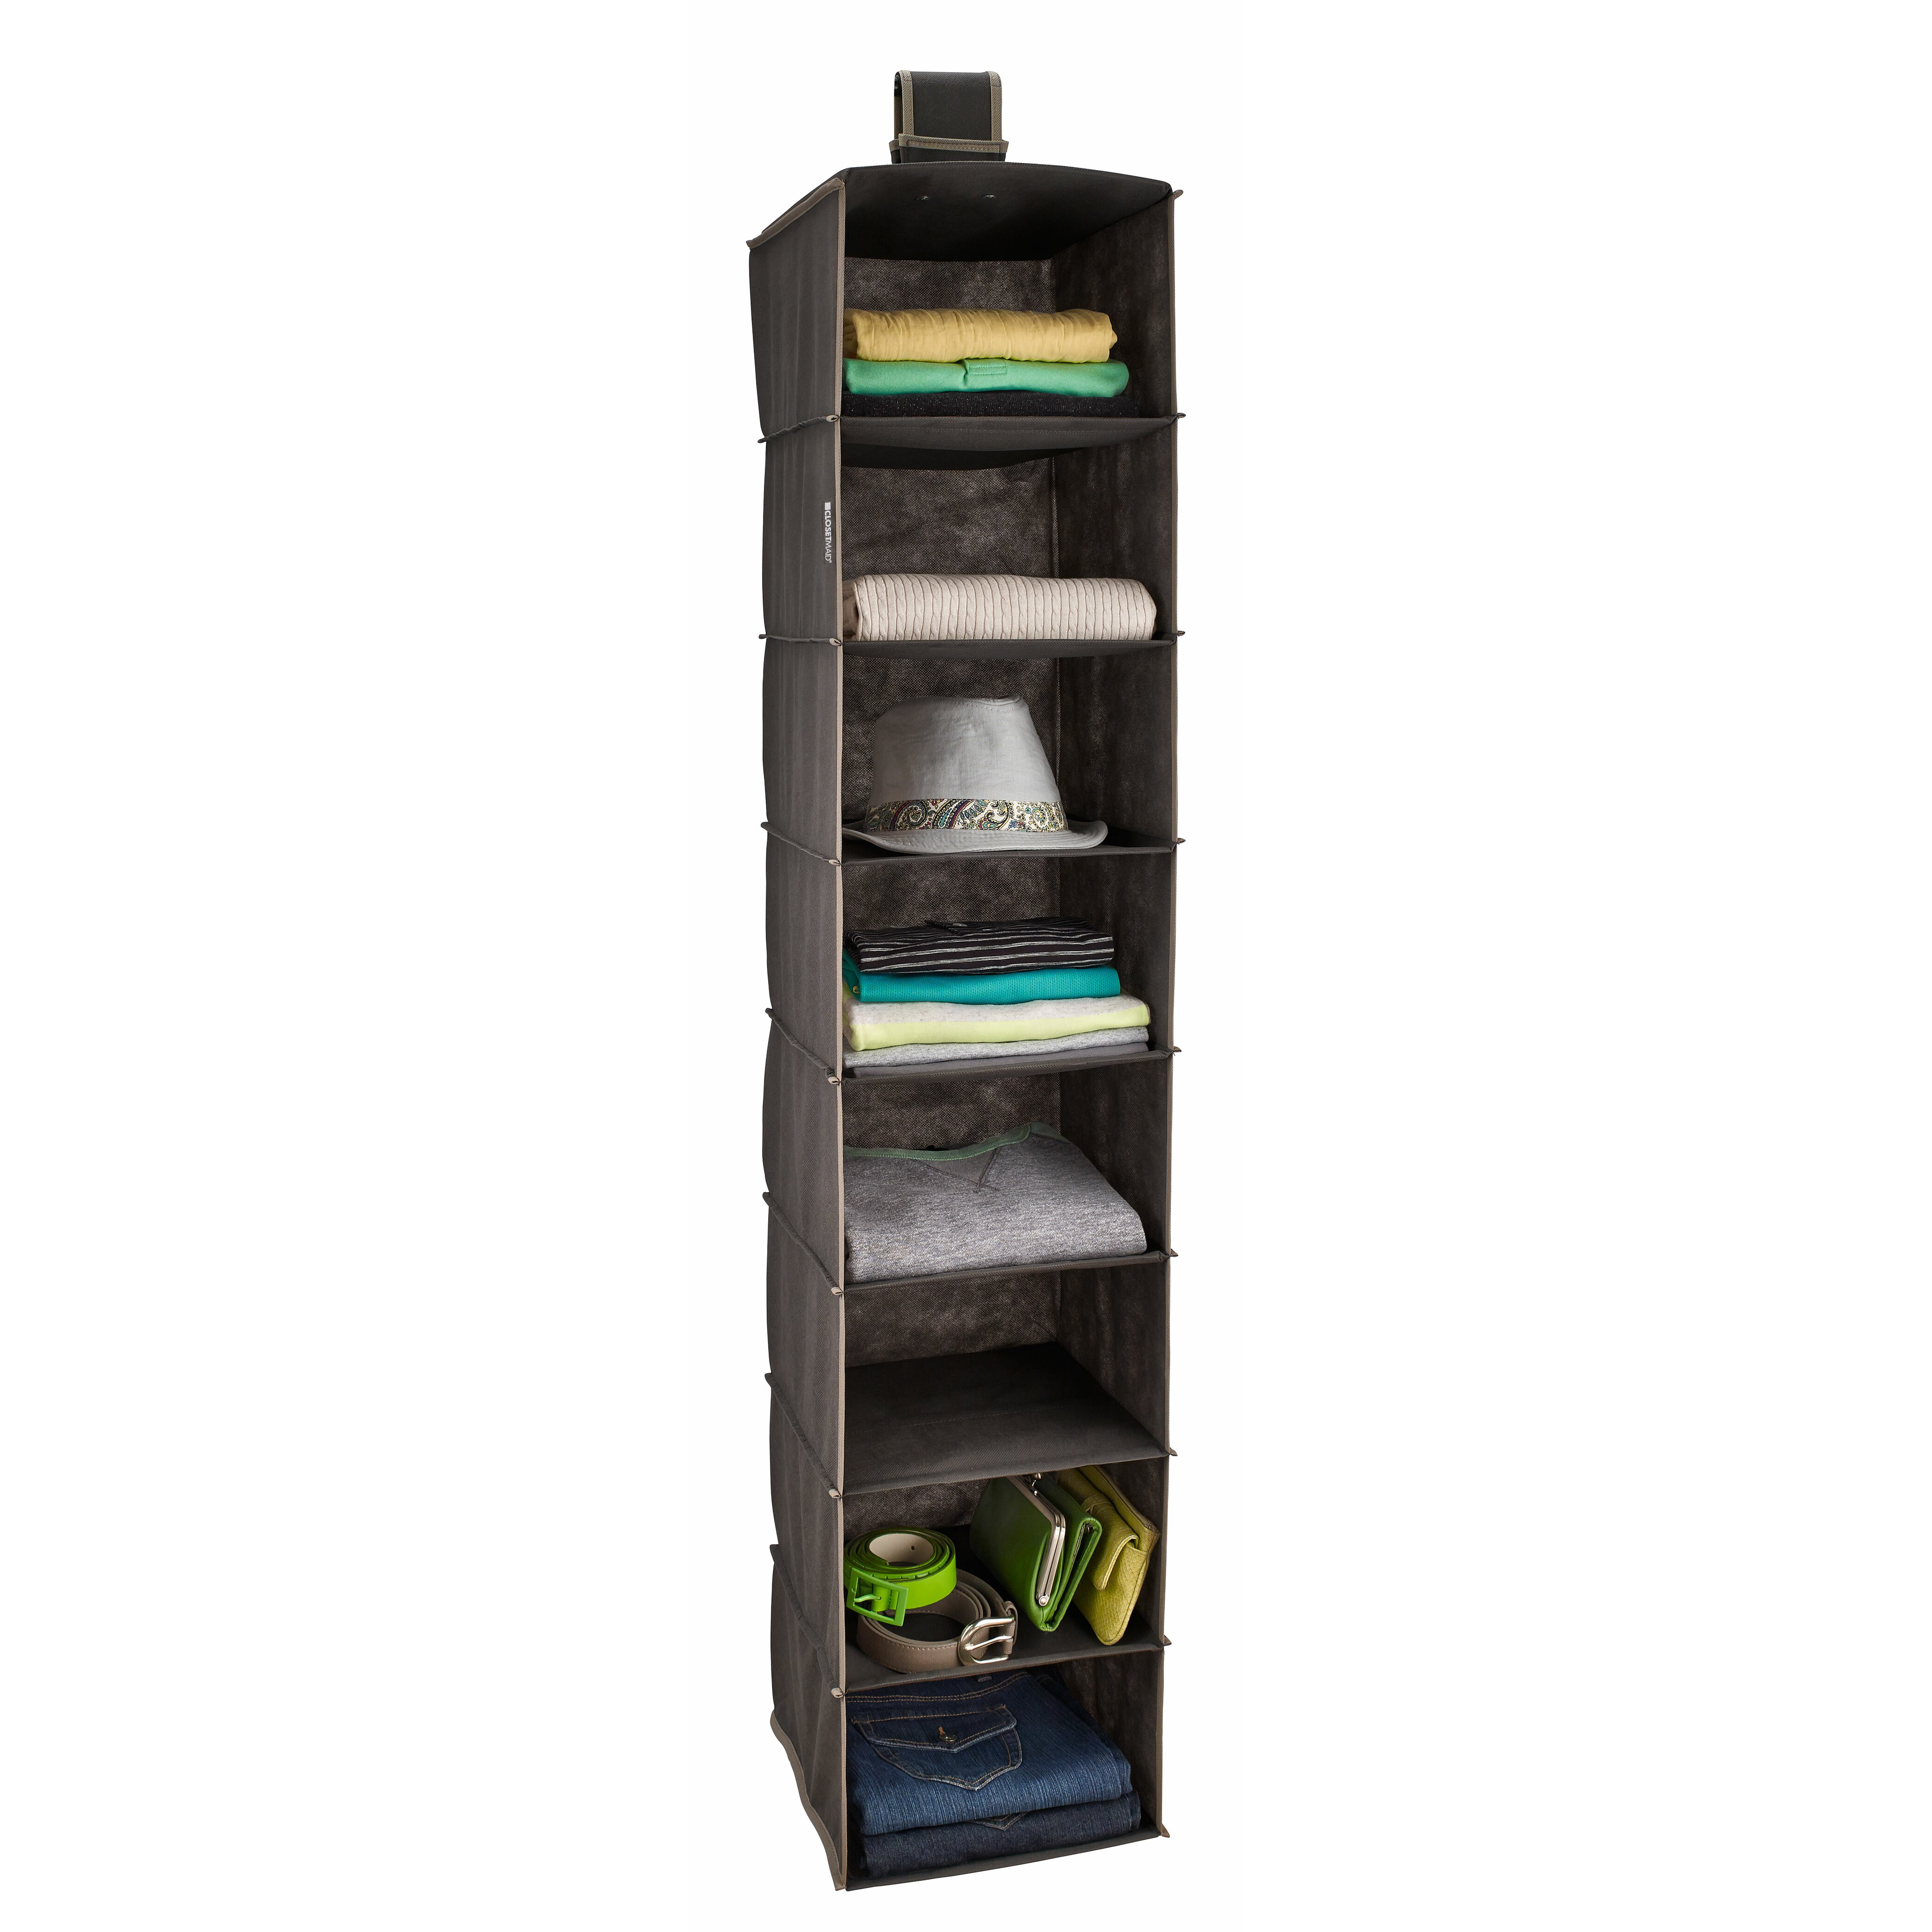 Closetmaid 8 shelf closet hanging organizer reviews for Where to buy closet organizers